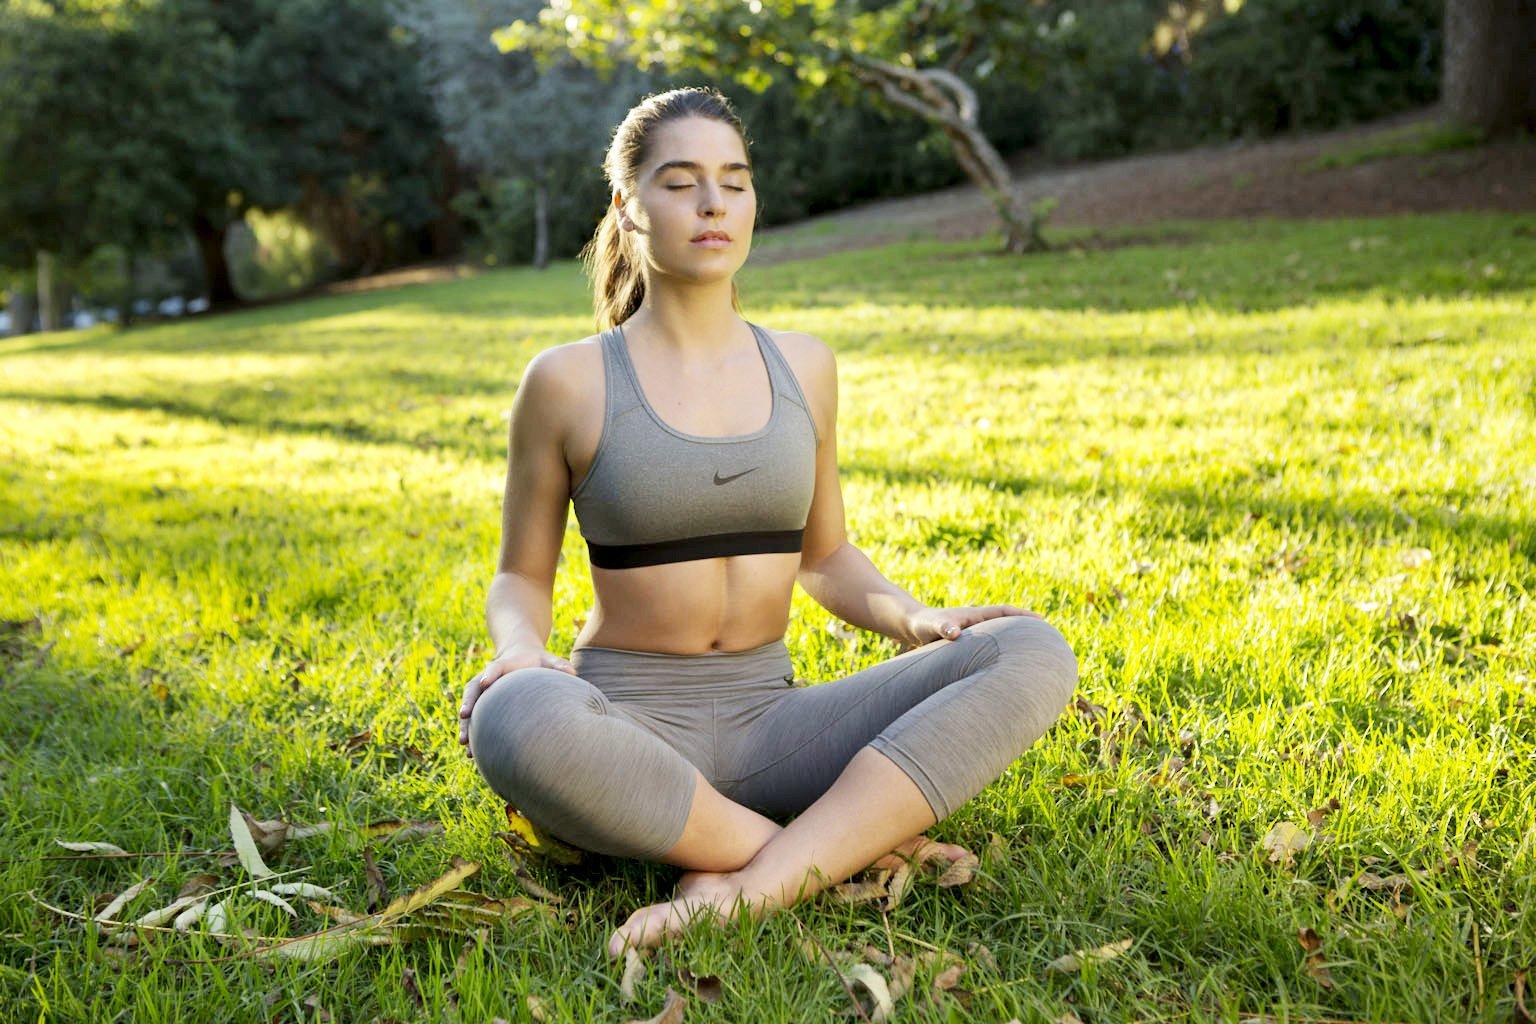 Техника медитации для начинающих - полная инструкция